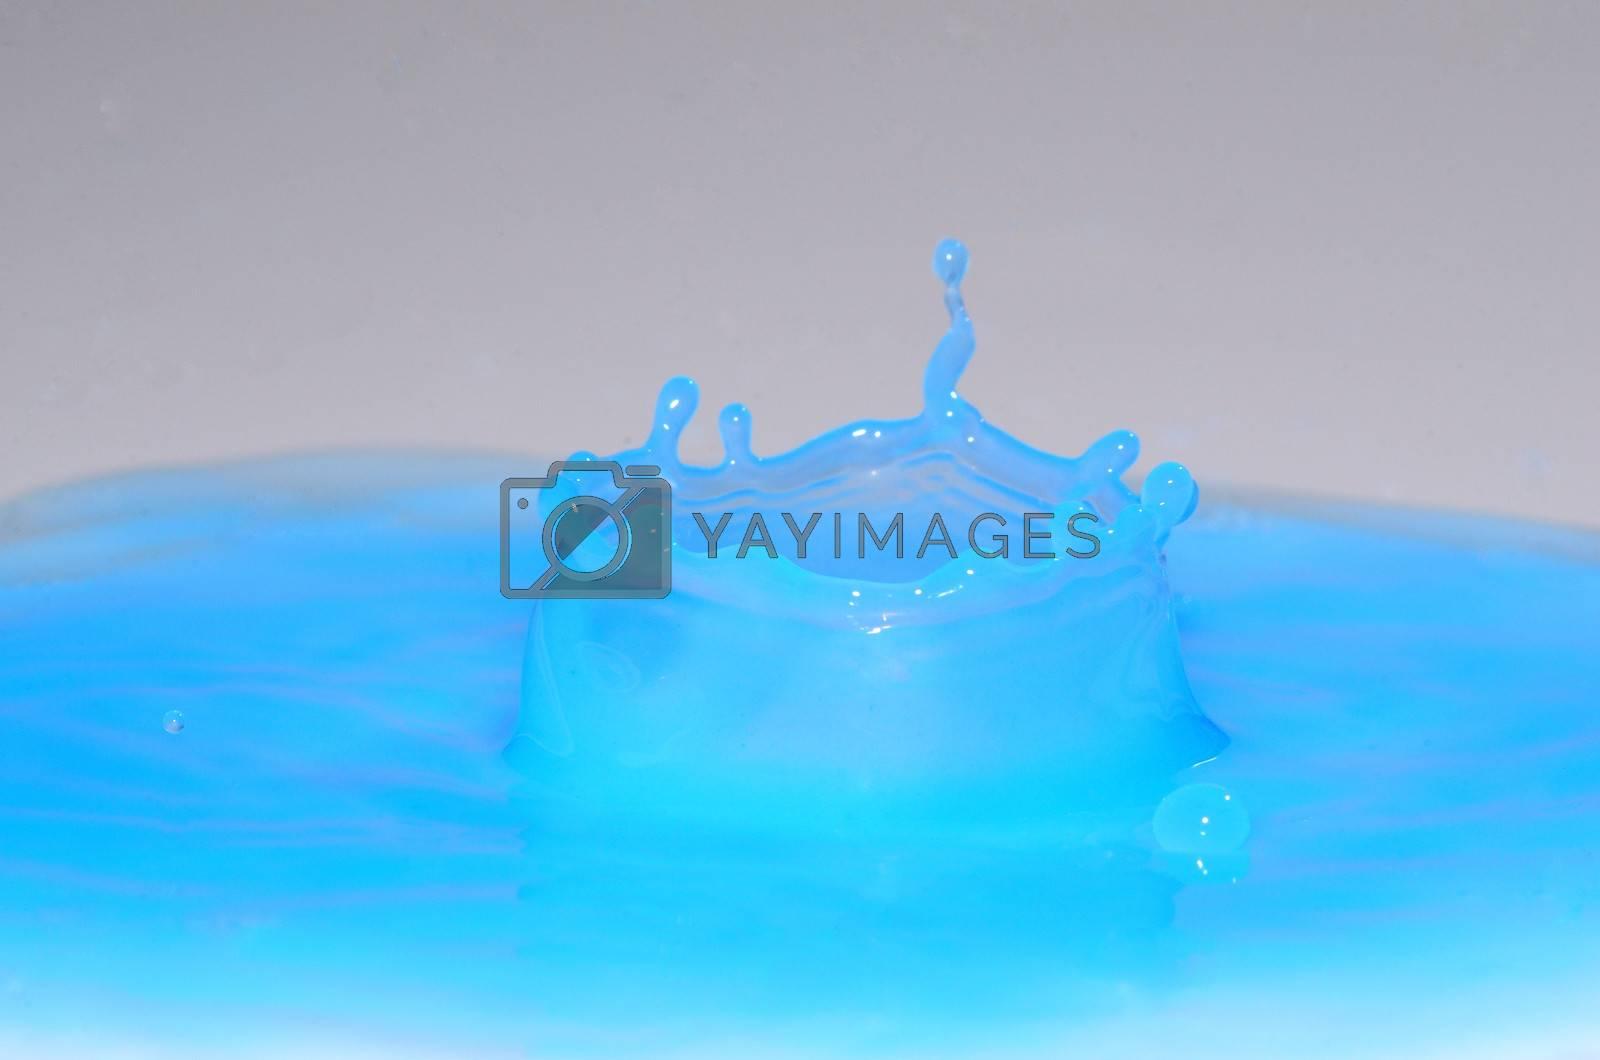 high blue crown in a blue liquid